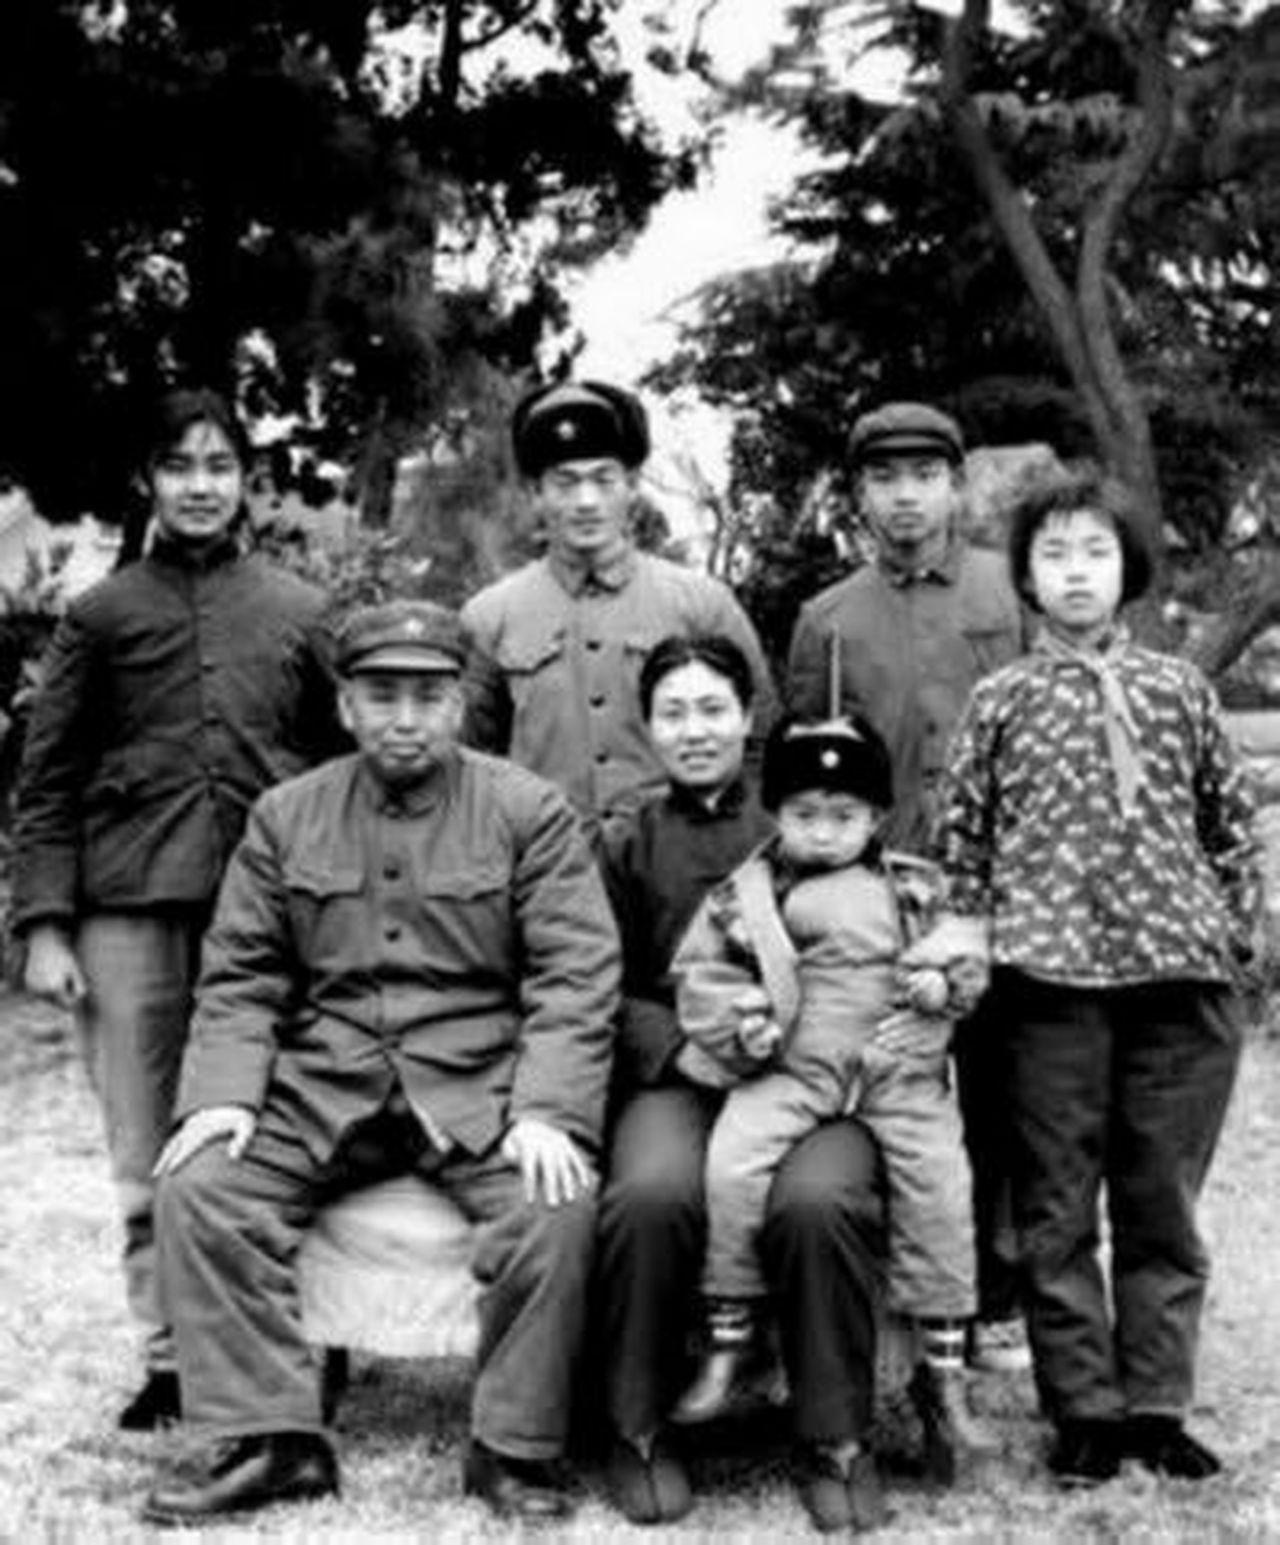 定居美國30多年 華山回憶父親許世友